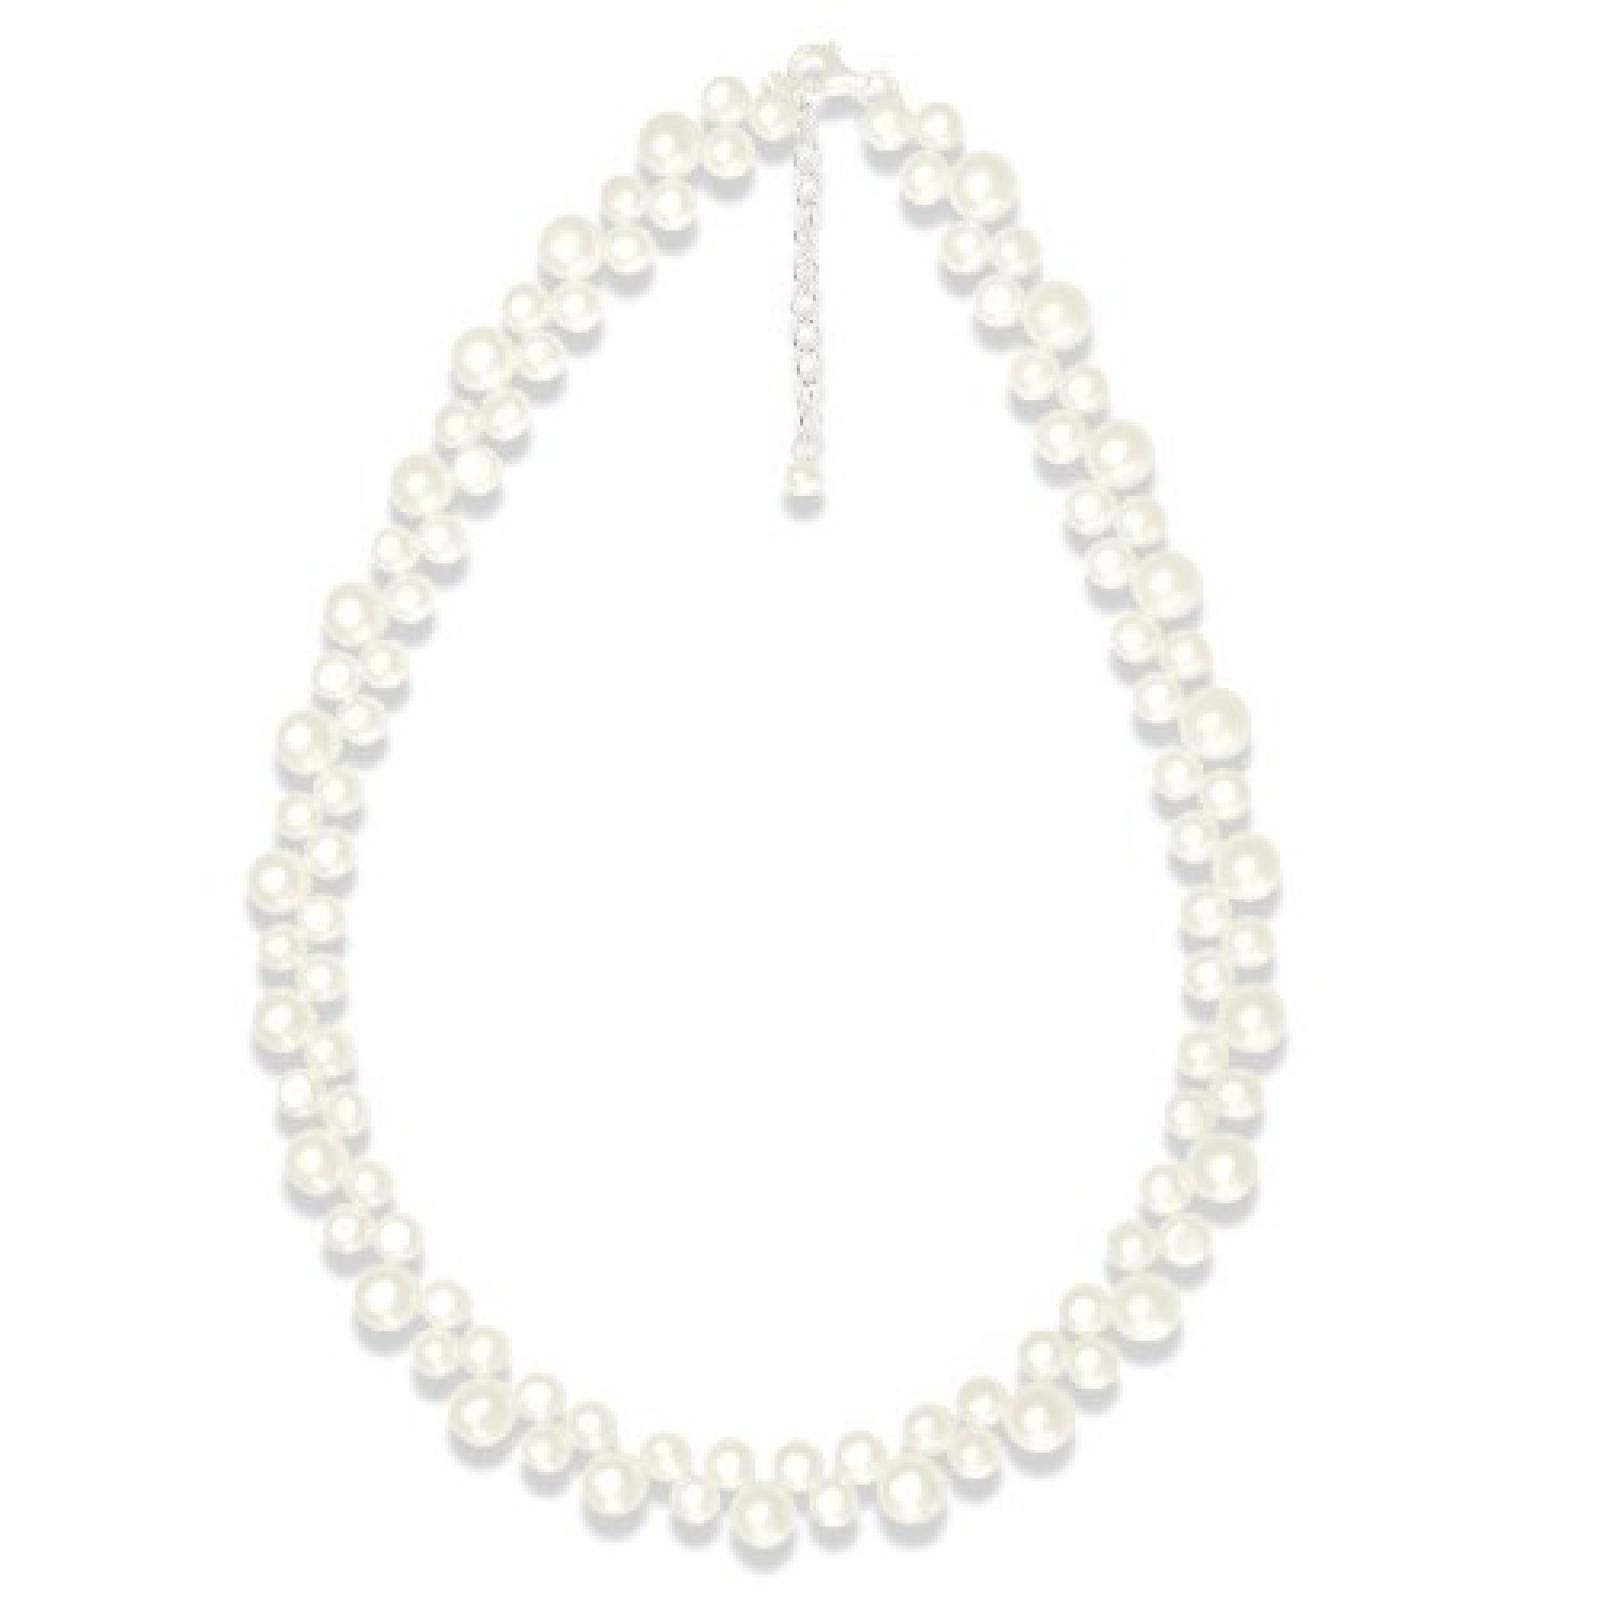 Valero Pearls Classic Collection Damen-Kette Hochwertige Süßwasser-Zuchtperlen in ca.  6-8 mm Button weiß 925 Sterling Silber    42 cm + 5 cm Verlängerung   145150